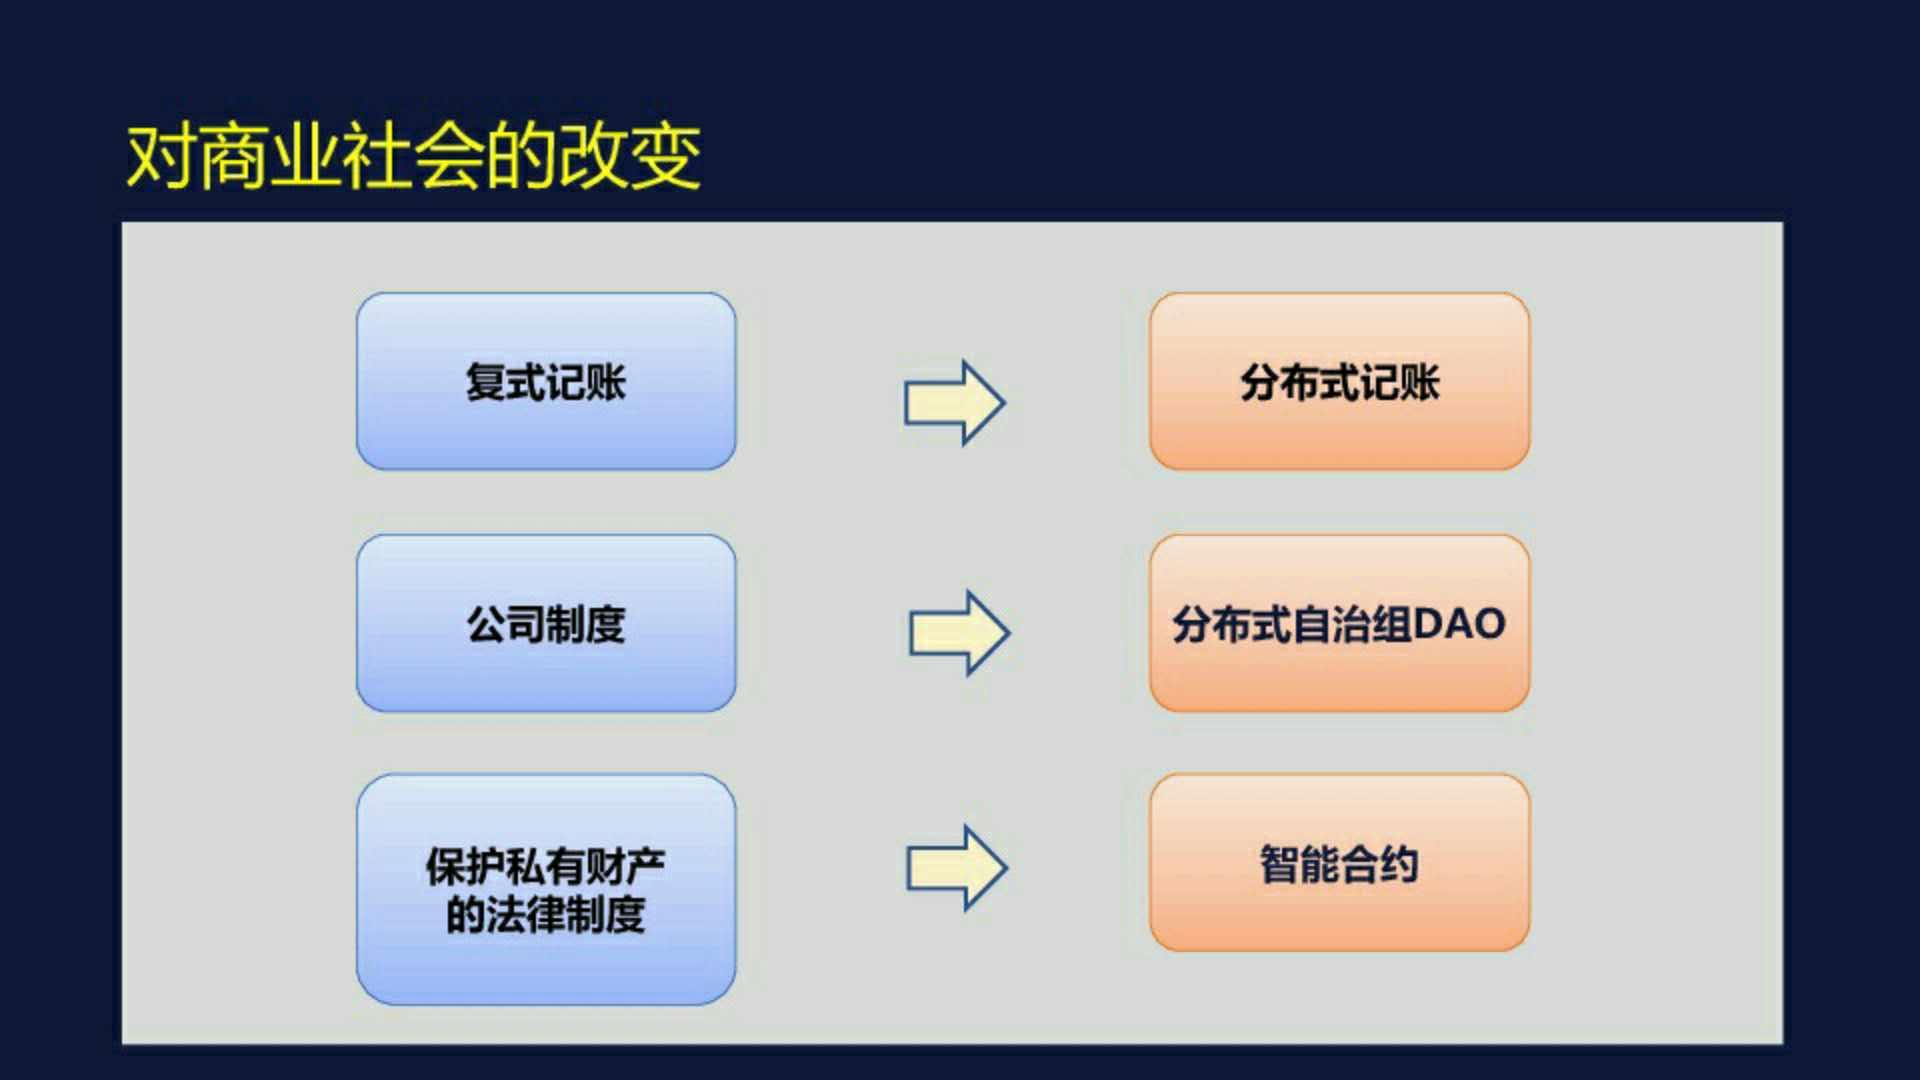 逐层揭秘:区块链的运作原理、存在问题以及前景